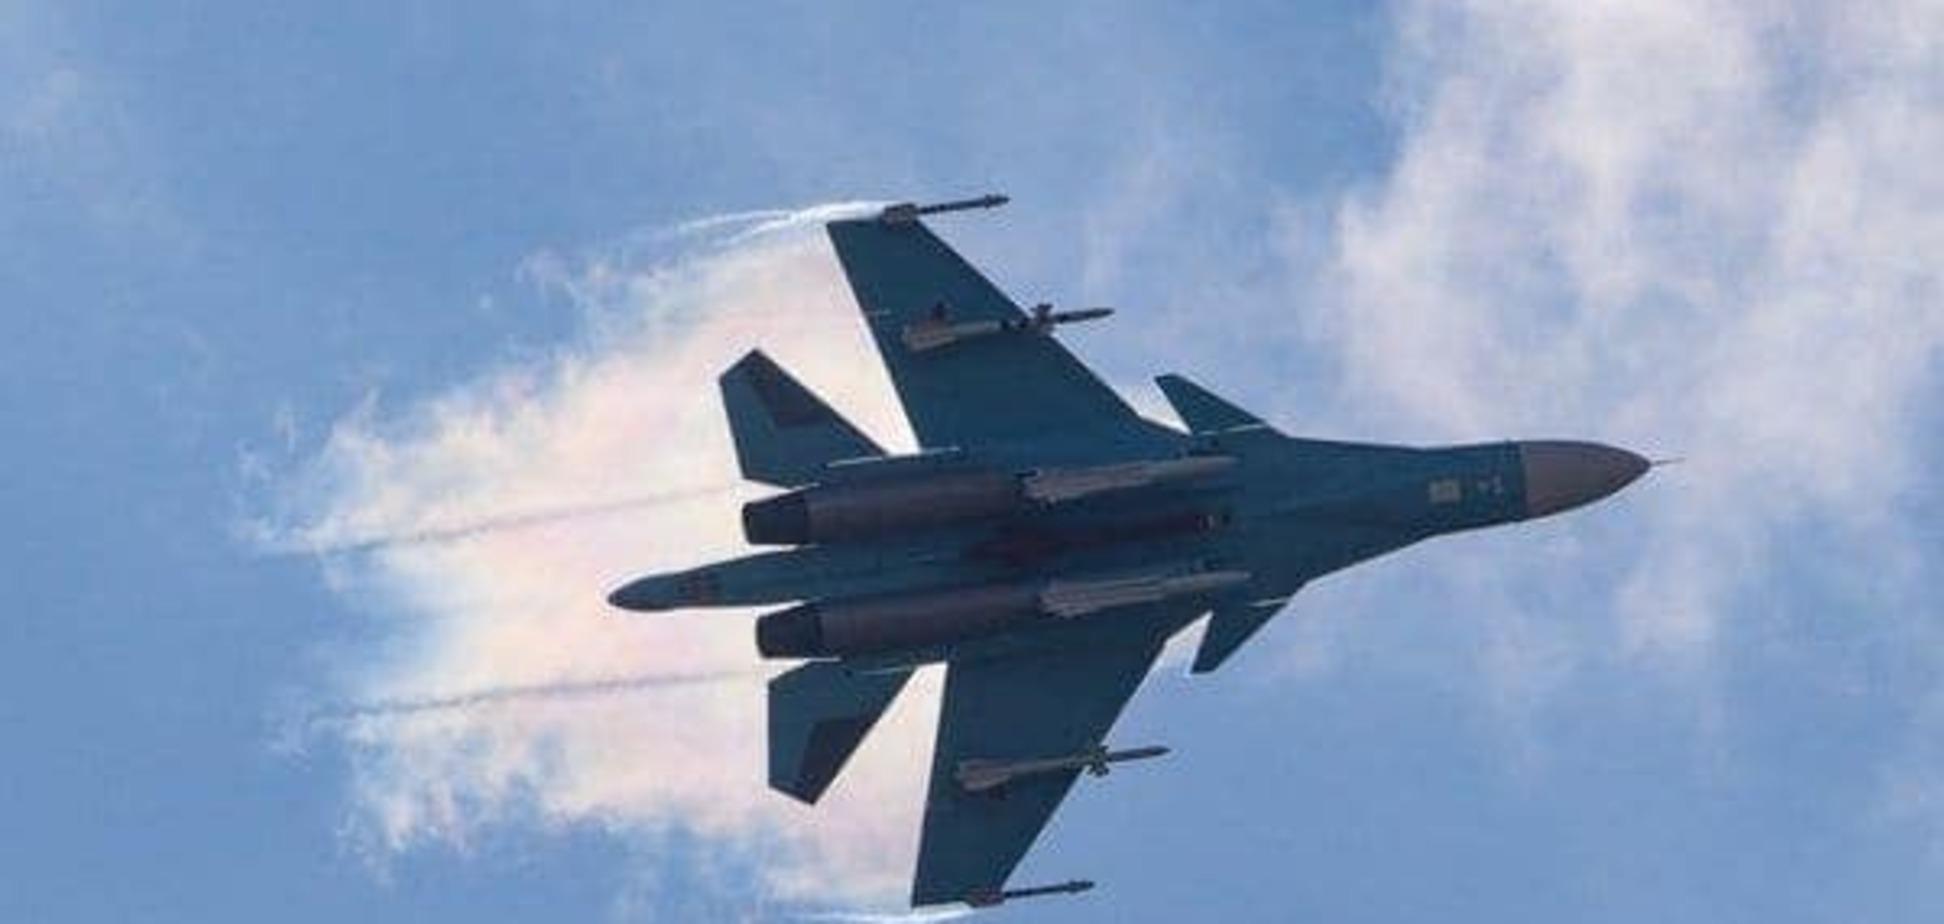 Сирійські повстанці розповіли про ще один збитий російський літак: опубліковано відео